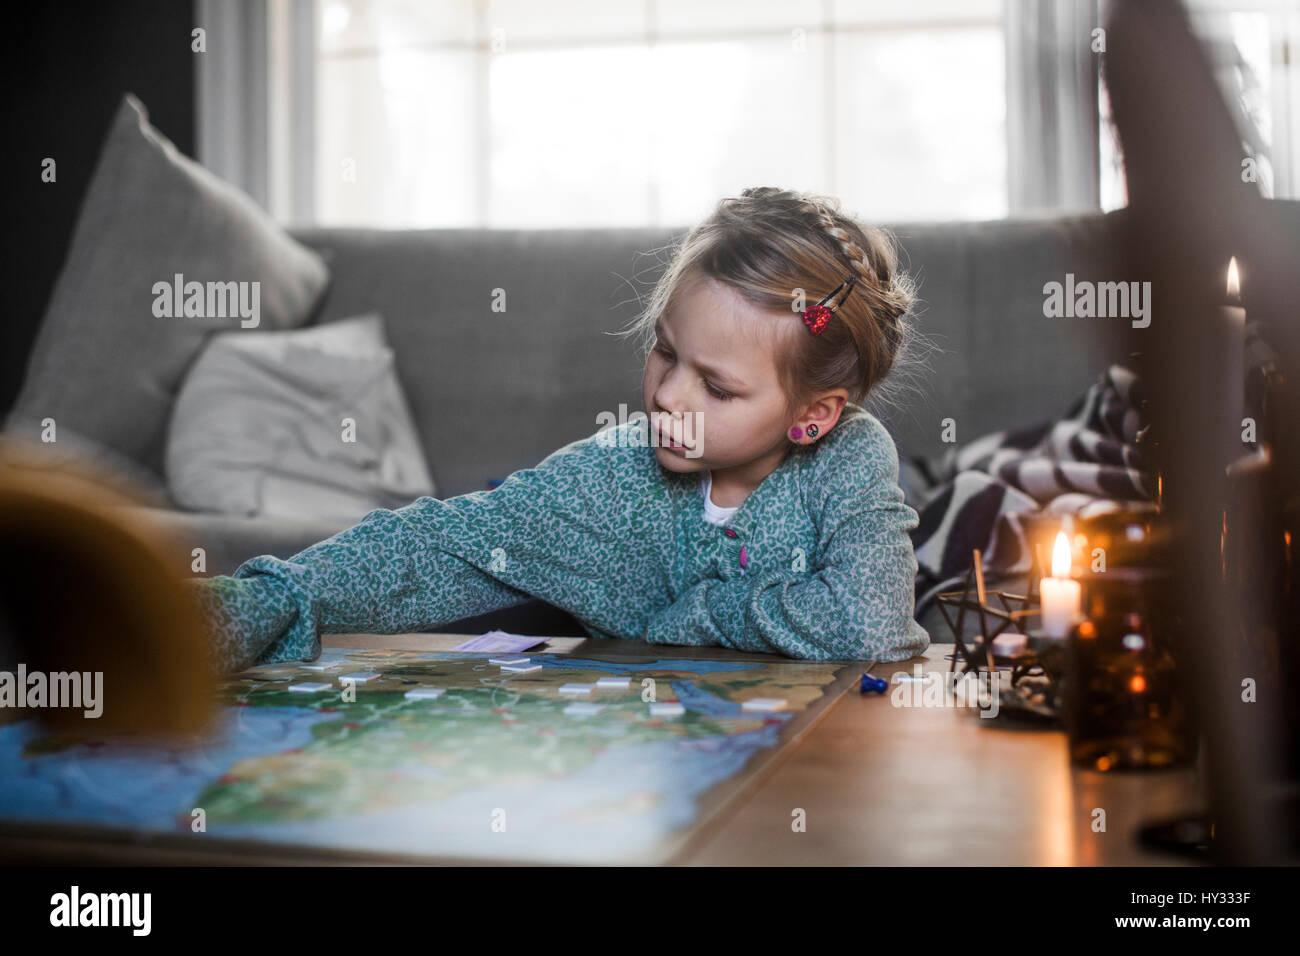 Suecia, chica (4-5) jugando juego de mesa en mesa de café Imagen De Stock